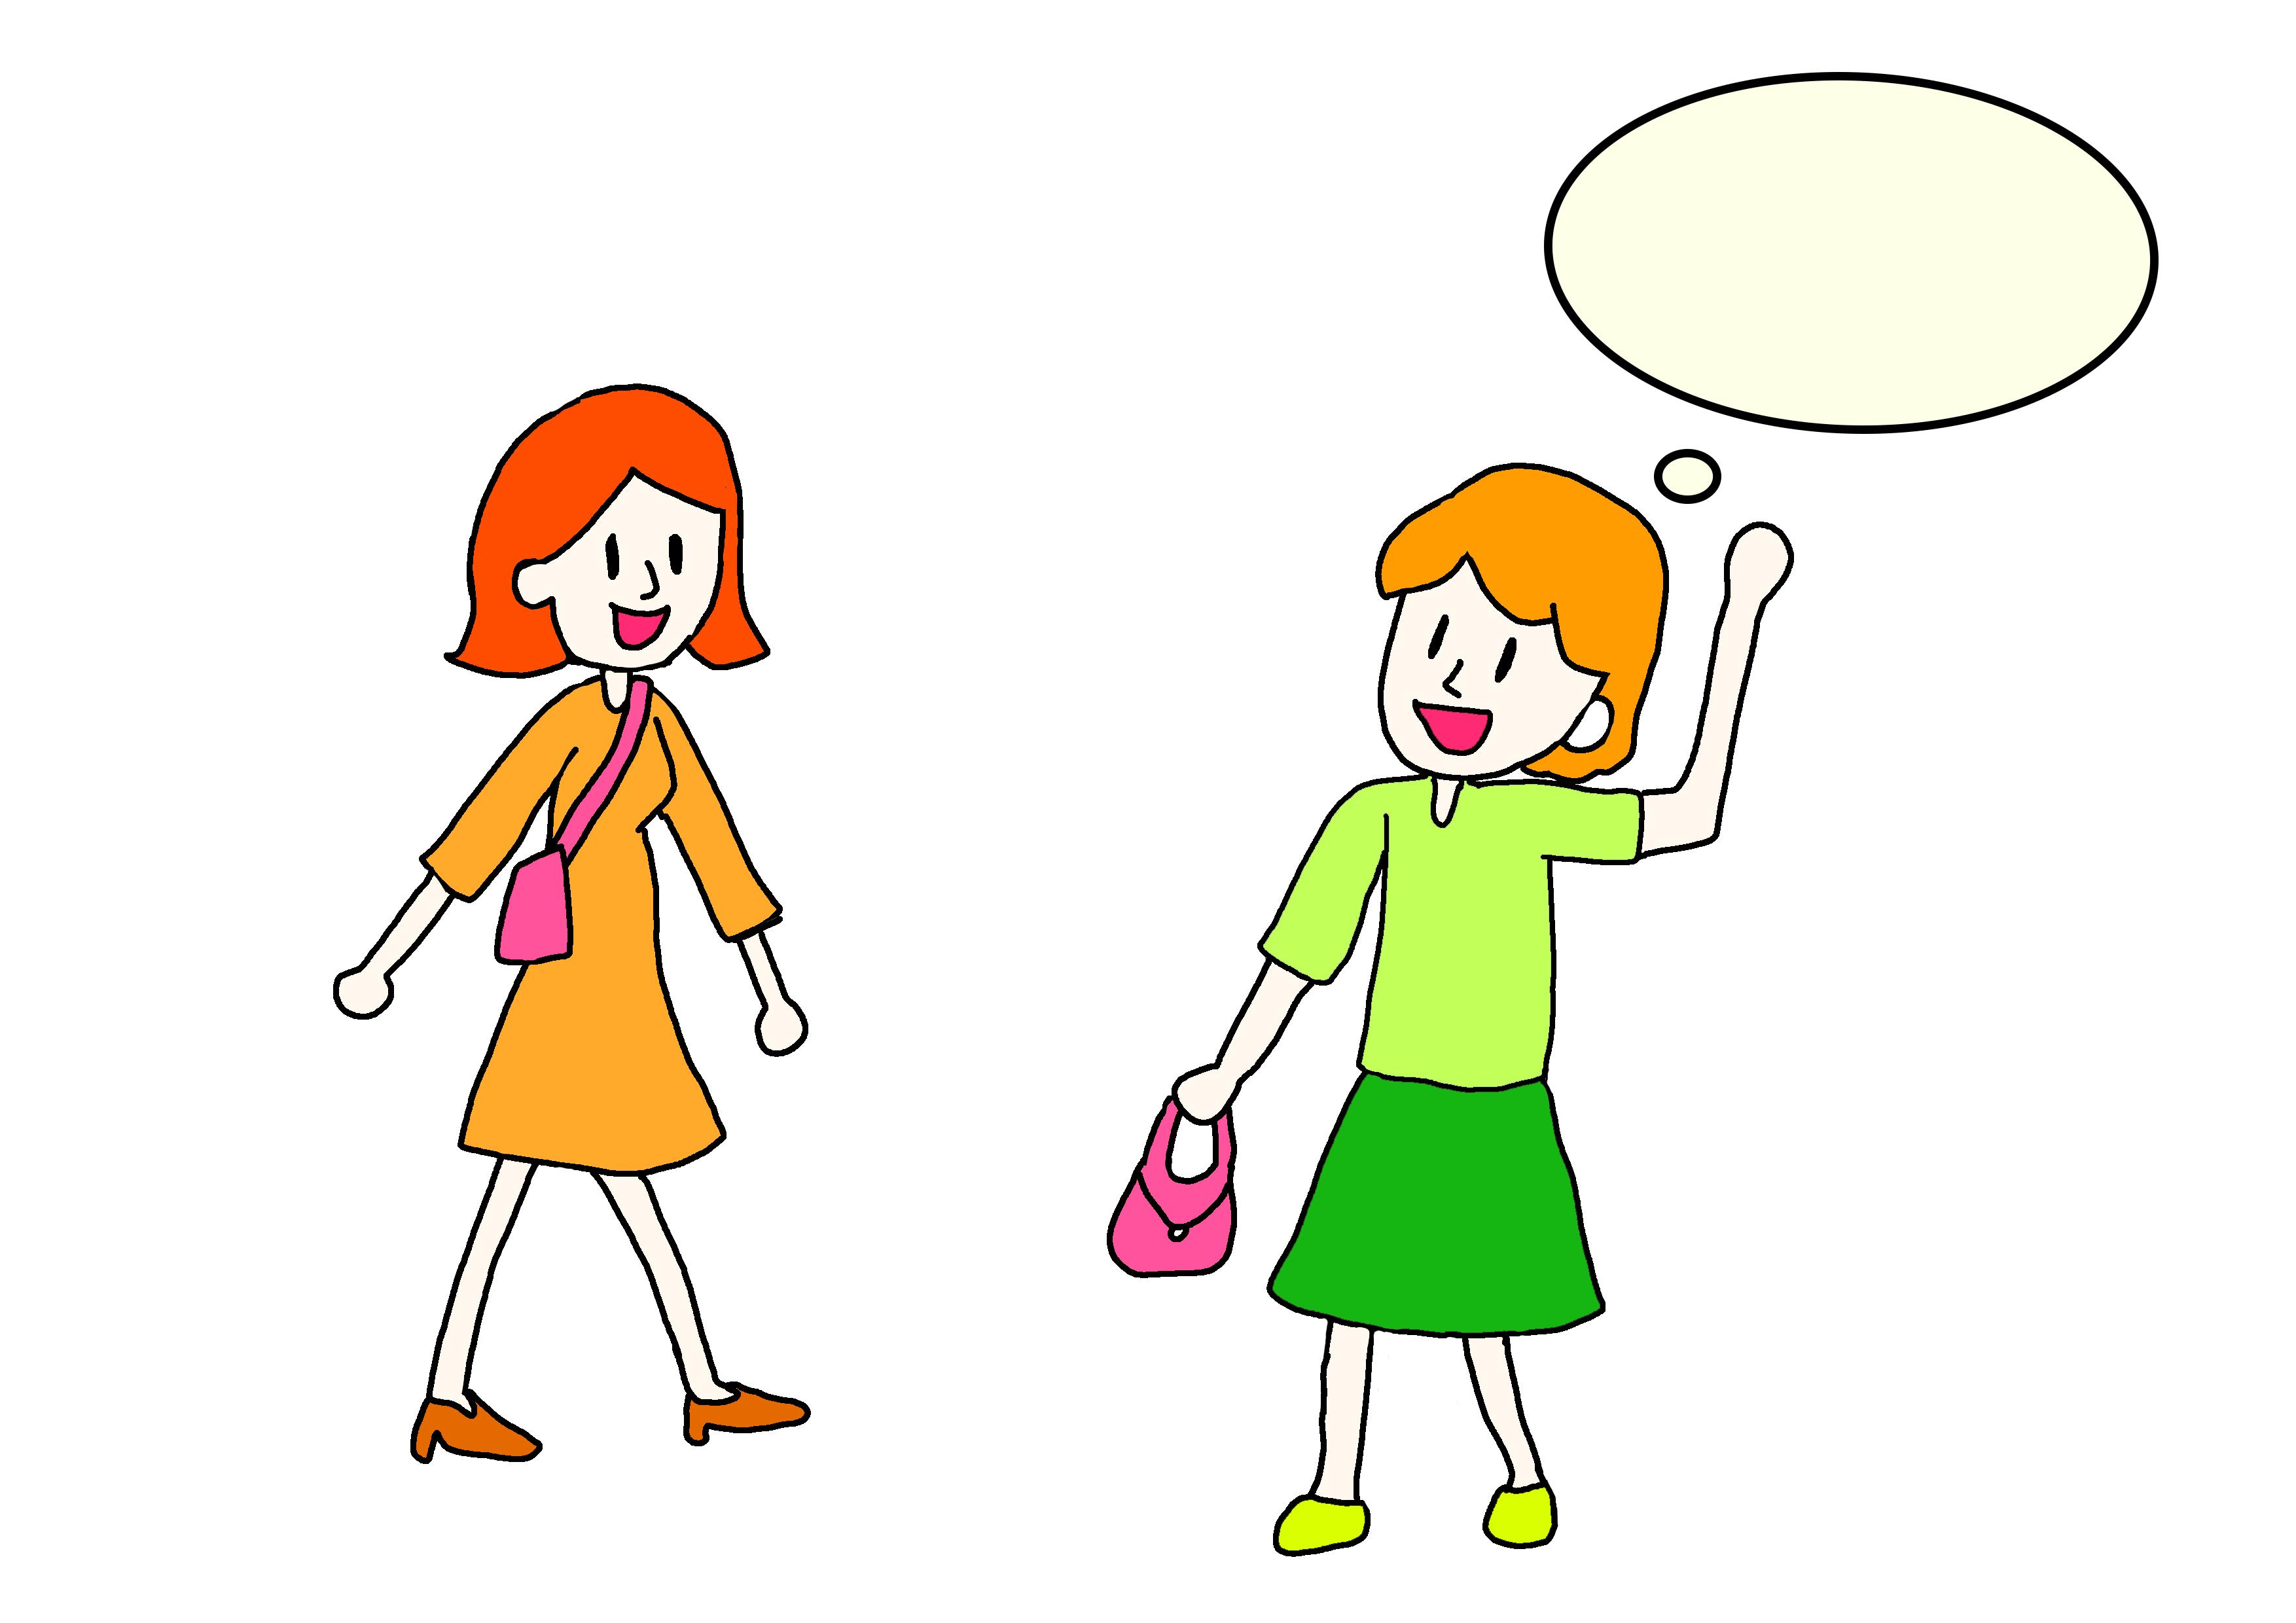 イラスト23課【こんにちは】